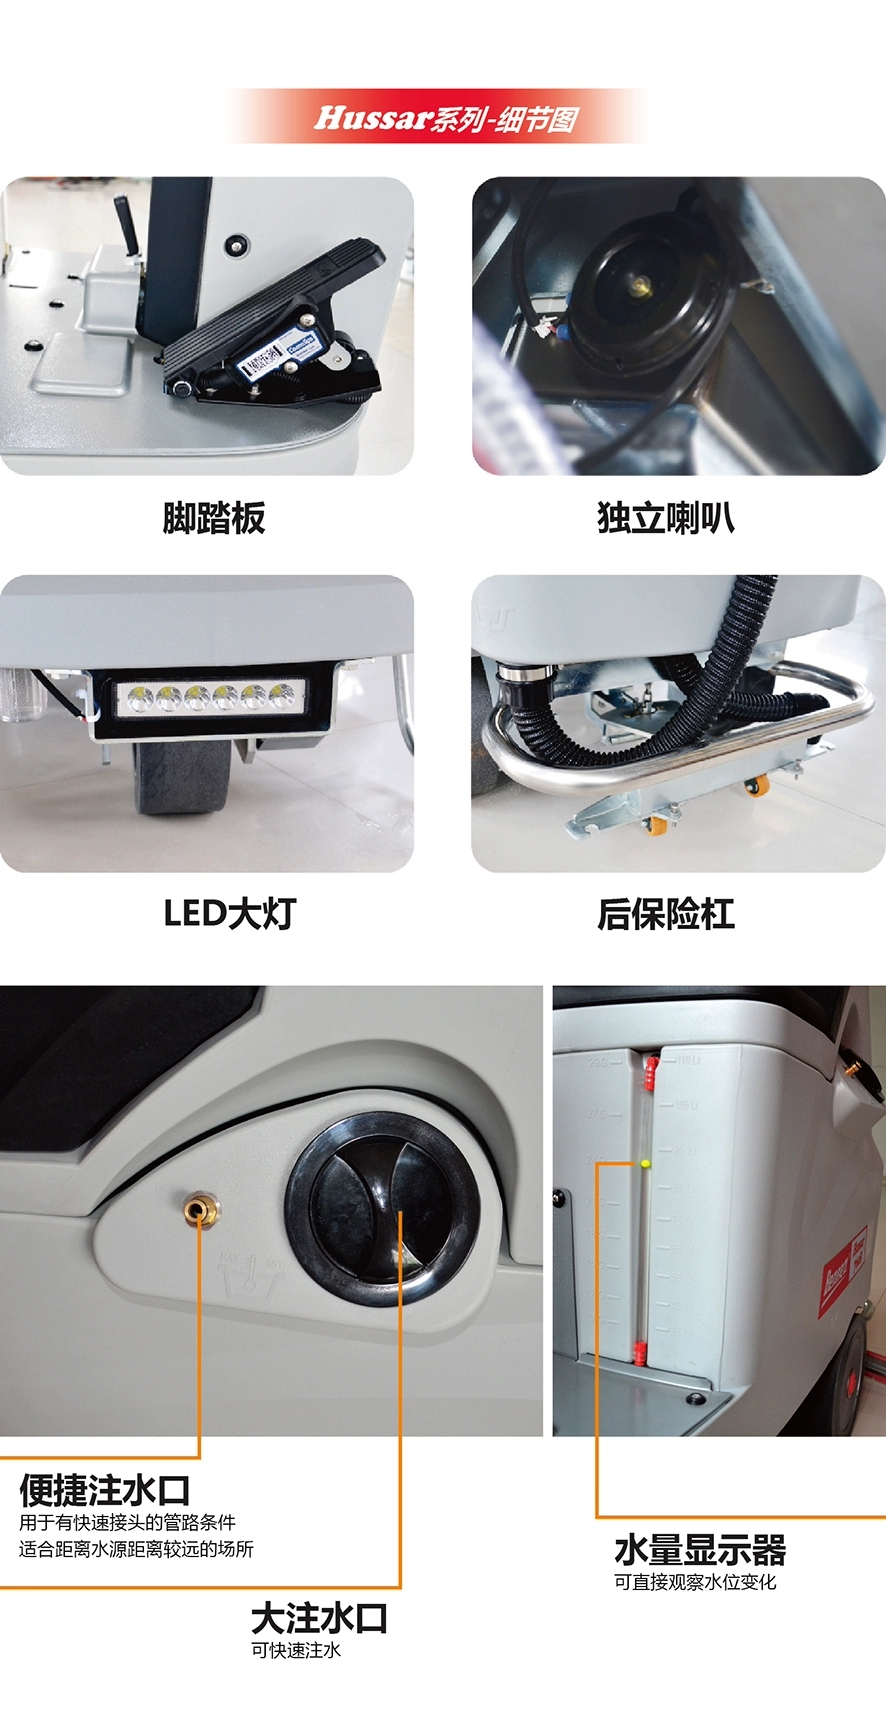 微信圖片_202011171110354.jpg